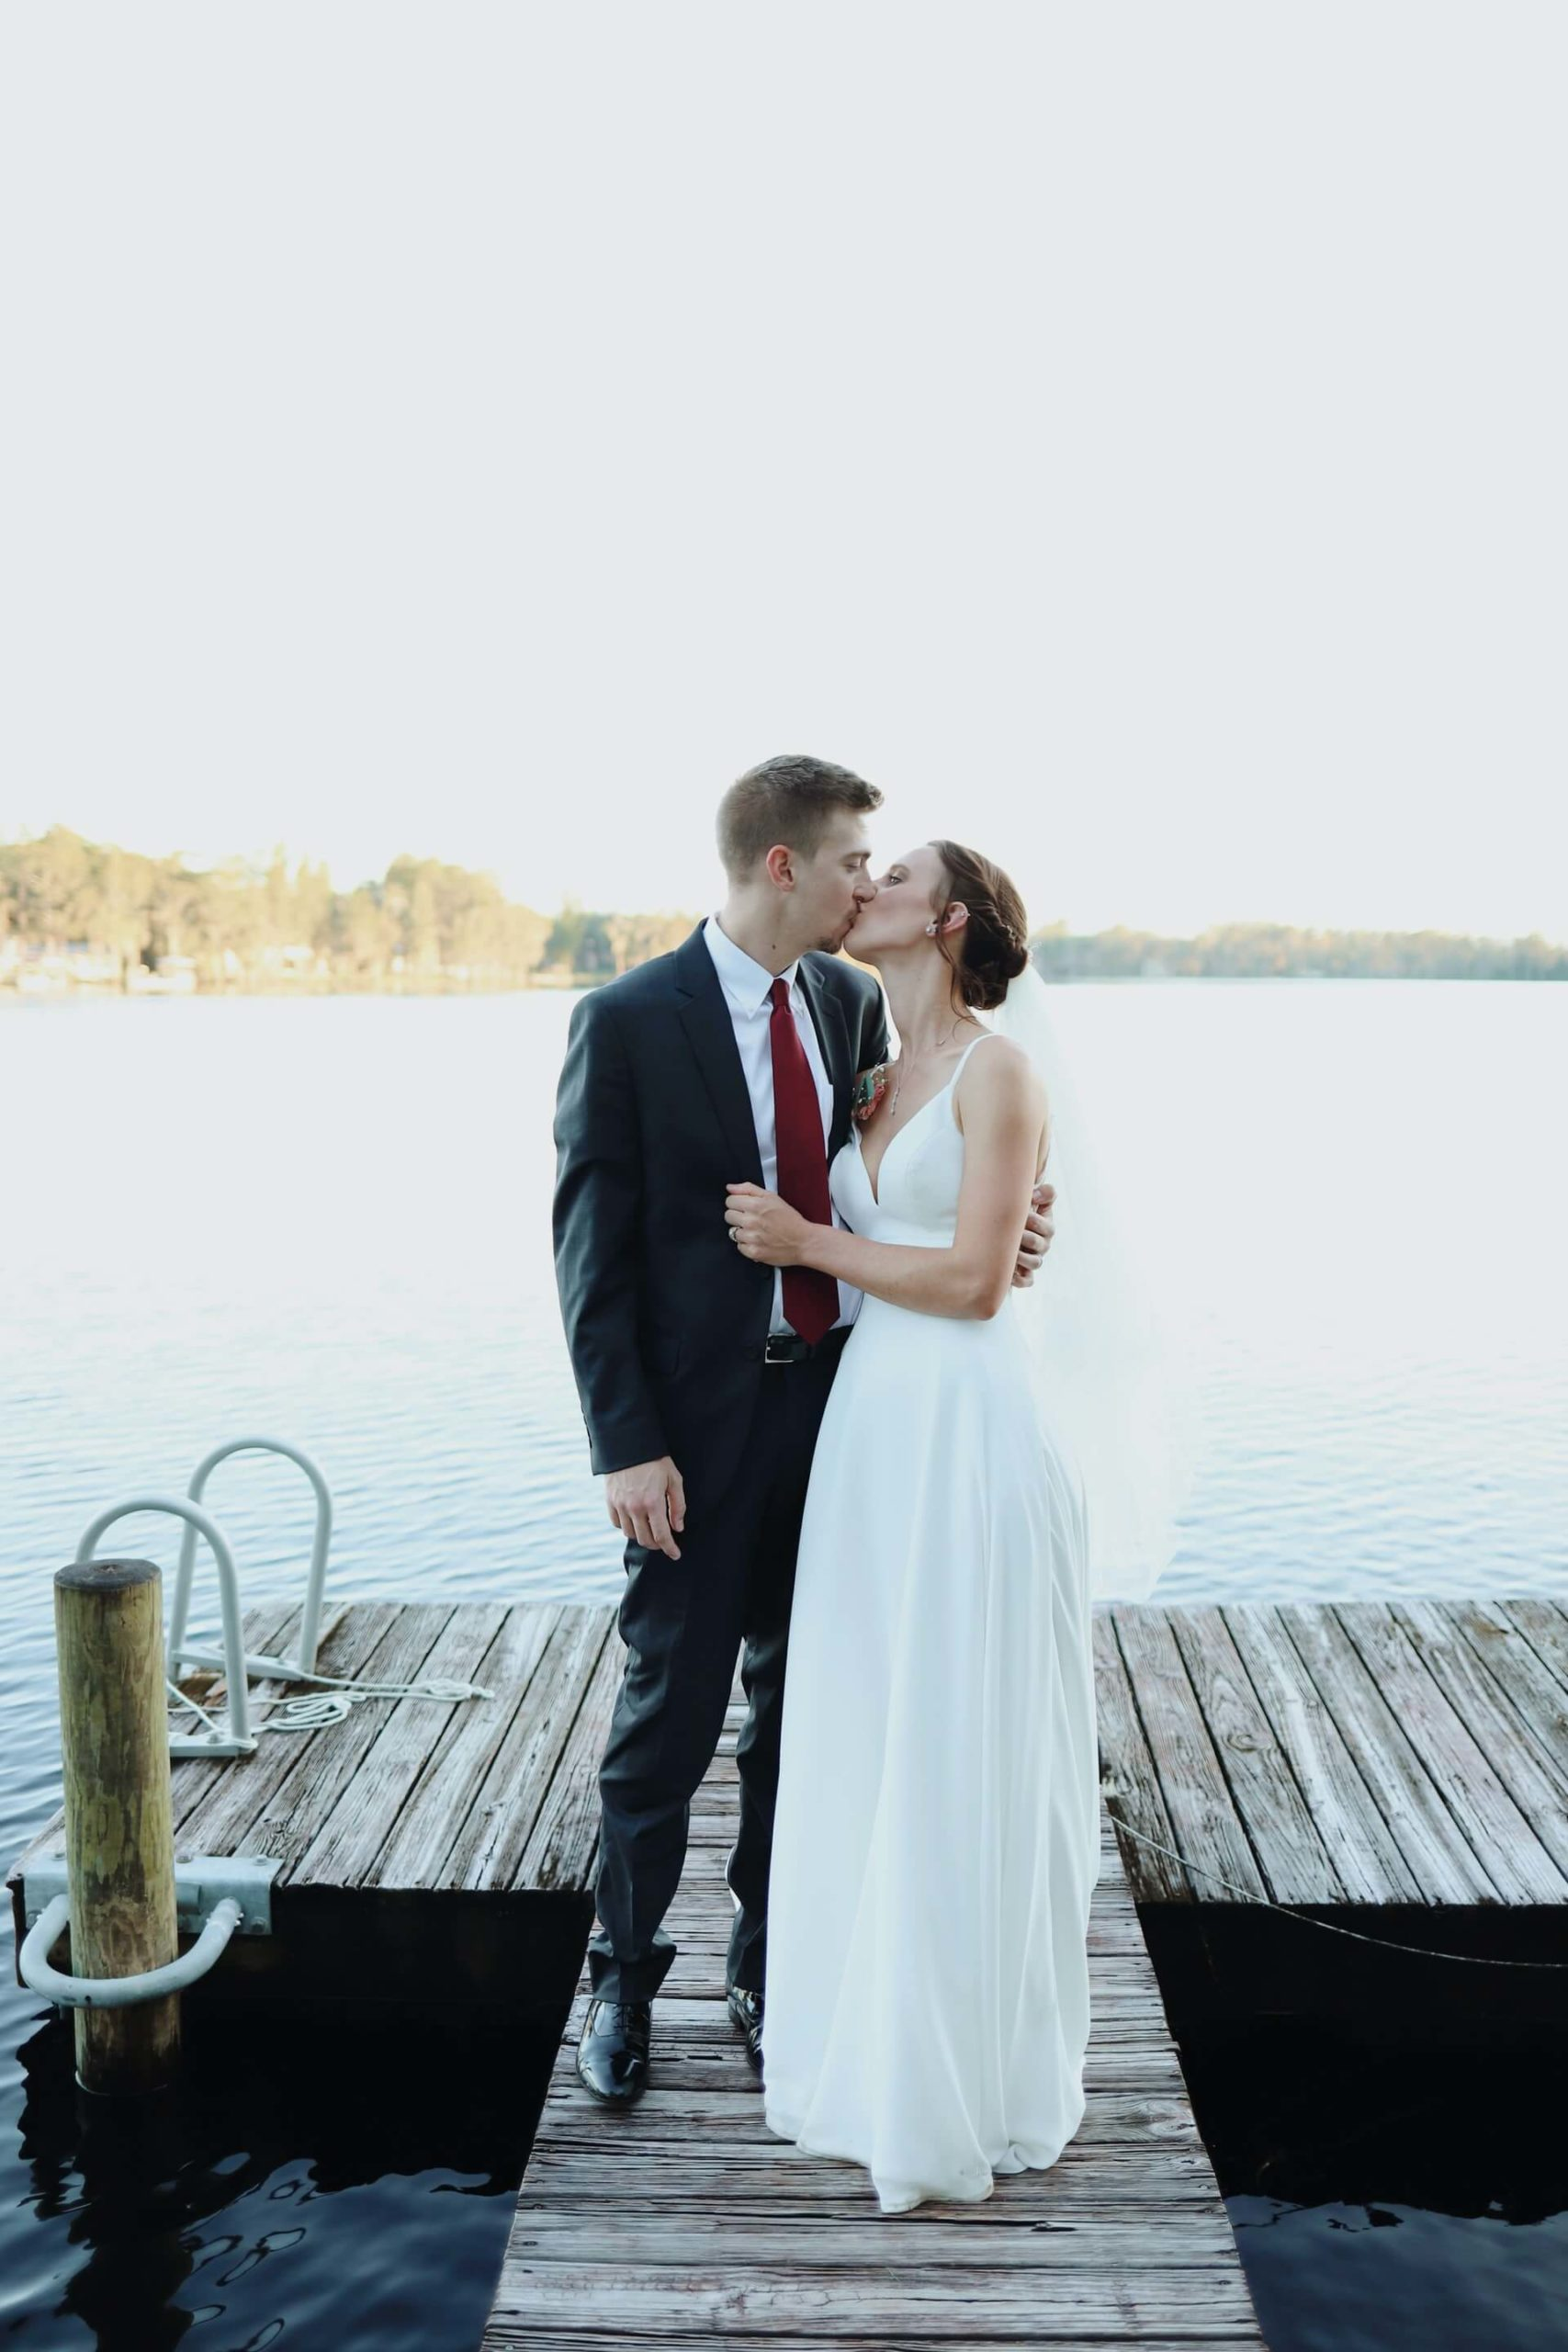 Bröllop på Nynäs Havsbad